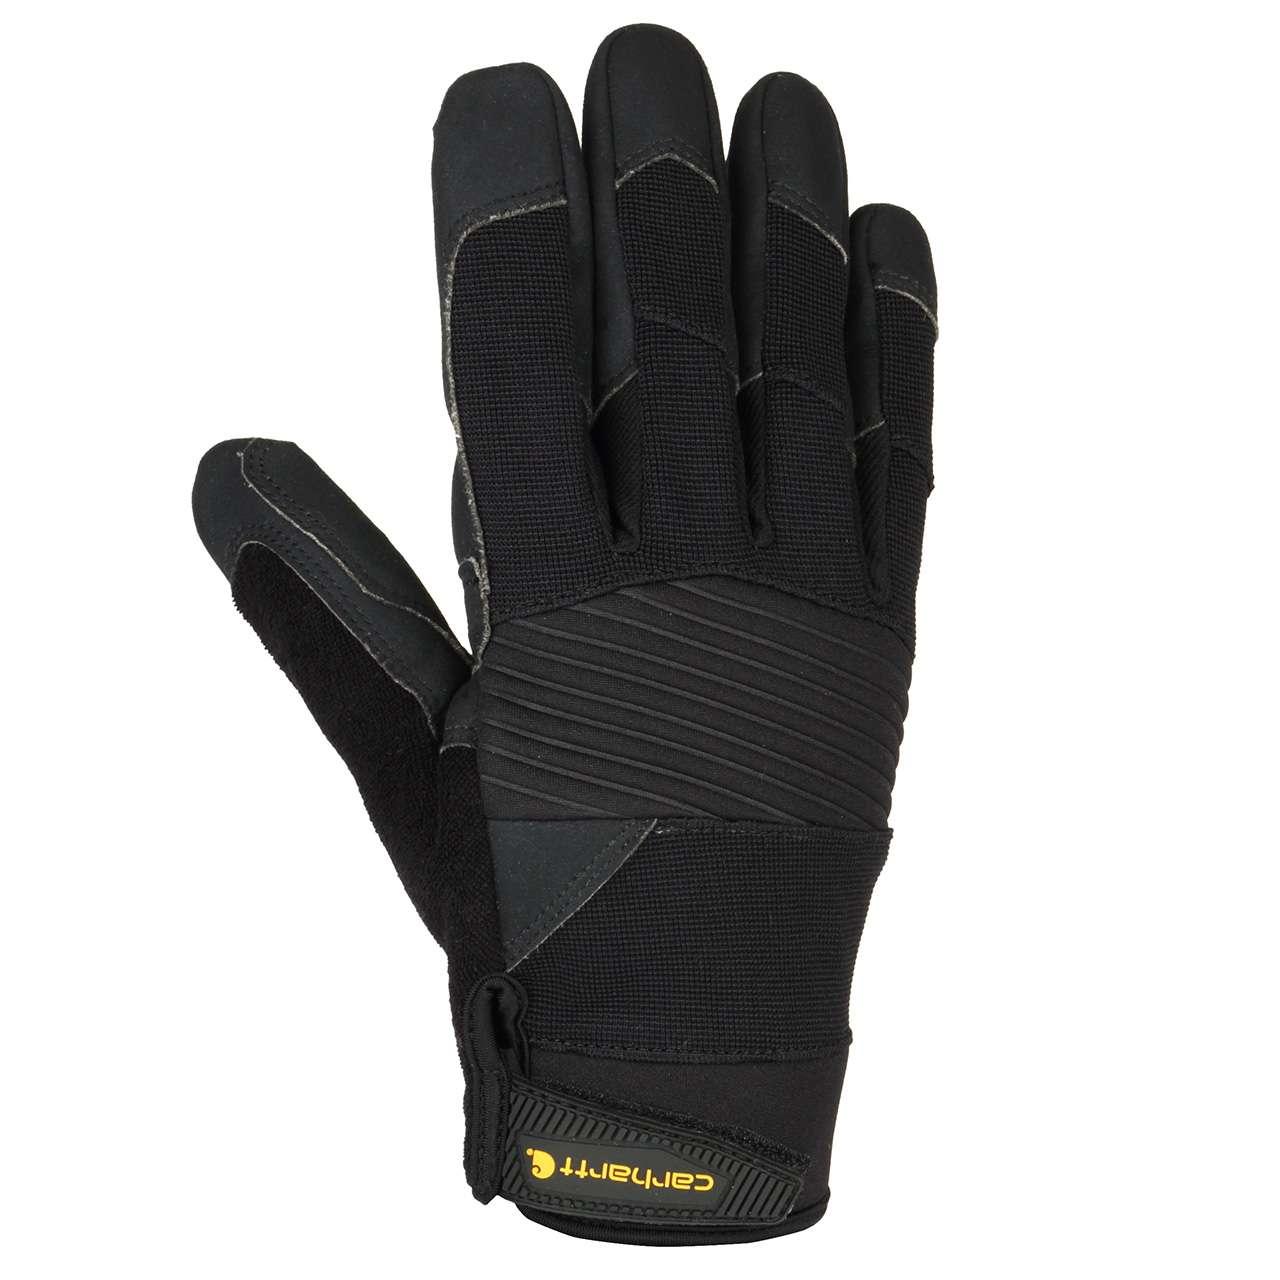 Carhartt Flex Tough II High Dexterity Glove